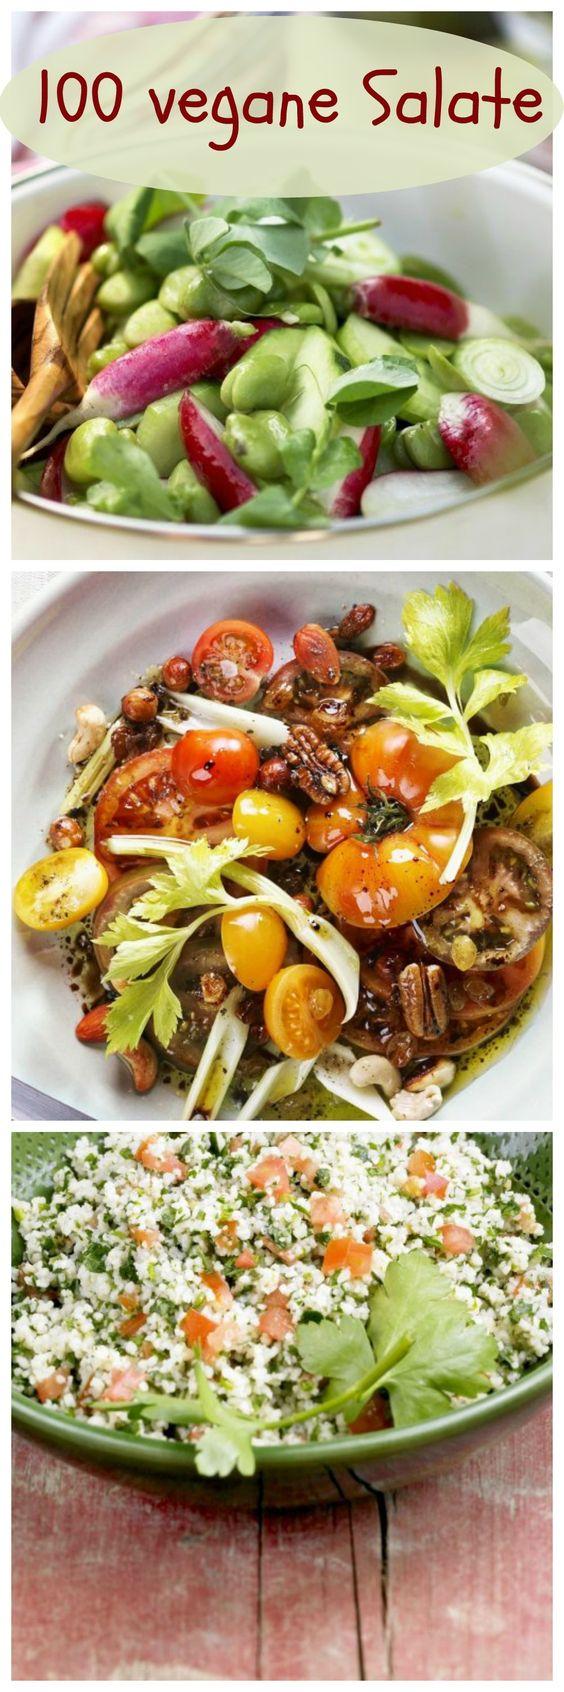 Wir haben für euch 100 leckere Salatrezepte ganz ohne tierische Produkte zusammengestellt. Lasst es euch schmecken!   http://eatsmarter.de/rezepte/rezeptsammlungen/vegane-salate-fotos#/0